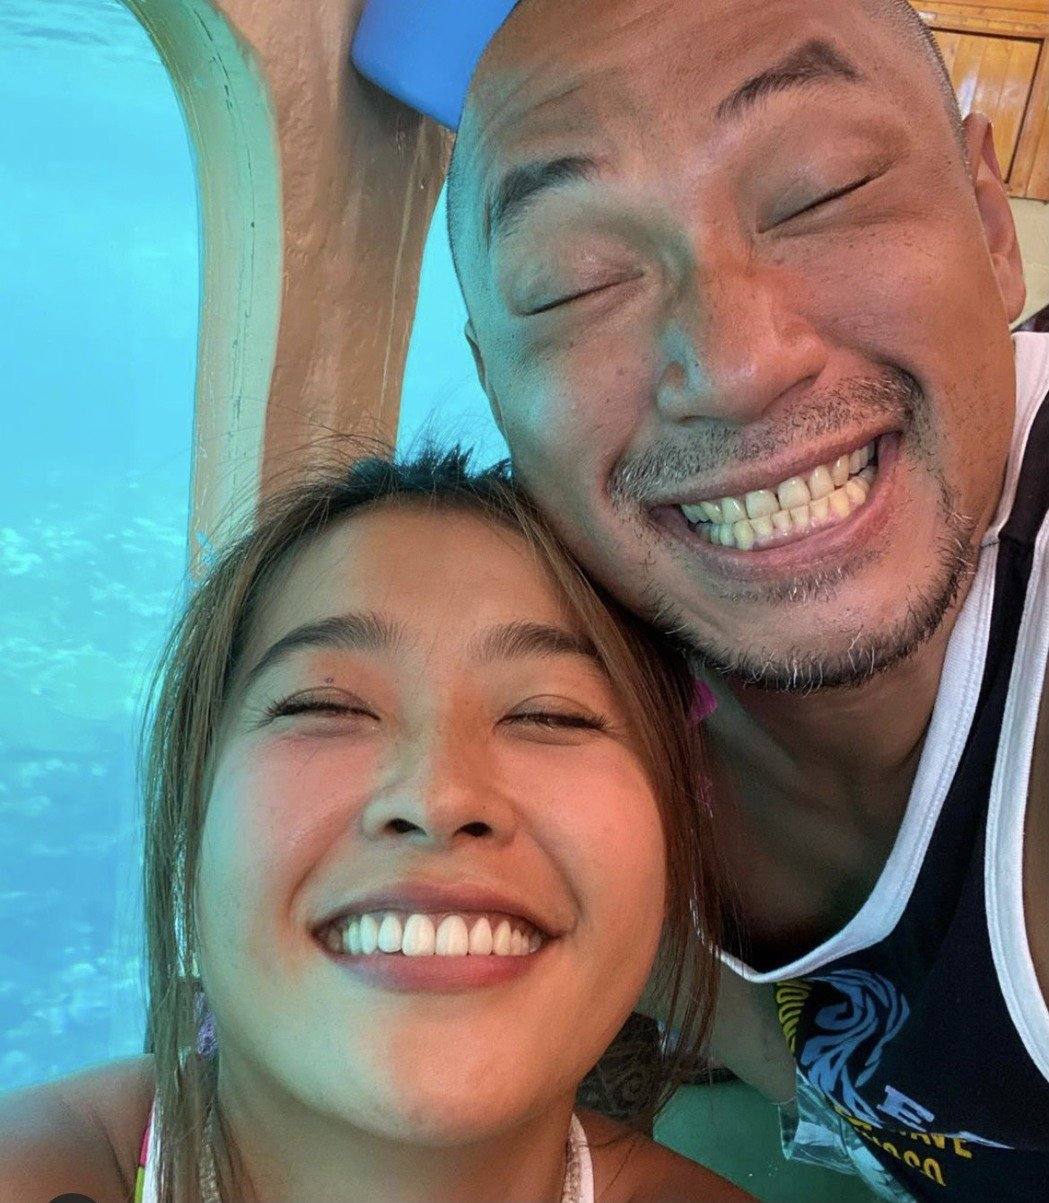 小嫻(左)和金剛,繞了一圈在南台灣相遇相知相識。圖/金剛IG